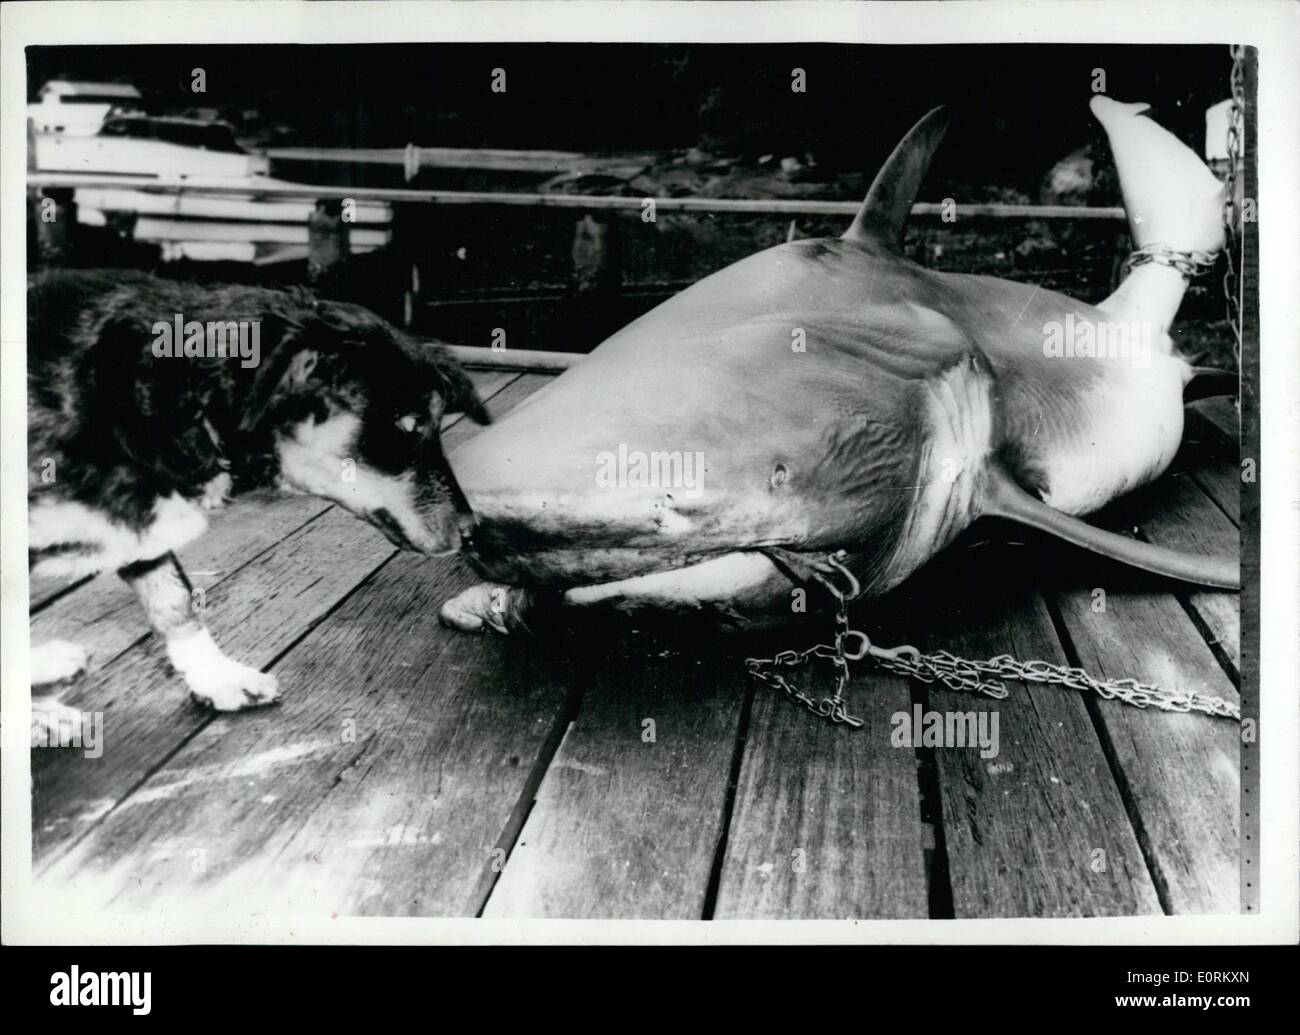 Gen 01, 1960 - non sto veramente paura.... o sono io? Il cane e il killer Shark ... A 10 ft shark è stato catturato nel centro porto, Sydney, Australia recentemente - vicino al luogo in cui tredici anni di Kenneth Murray era stato attaccato un paio di giorni precedentemente.. Il ragazzo in gamba destra dovevano essere amputata dopo l'attacco - e la sua condizione è critica. I pescatori che ha catturato lo squalo sono convinti che è la creatura che ha reso l'attacco. Esso è tagliato aperto in uno sforzo per dimostrare che si tratta di un utente malintenzionato. Immagini Stock